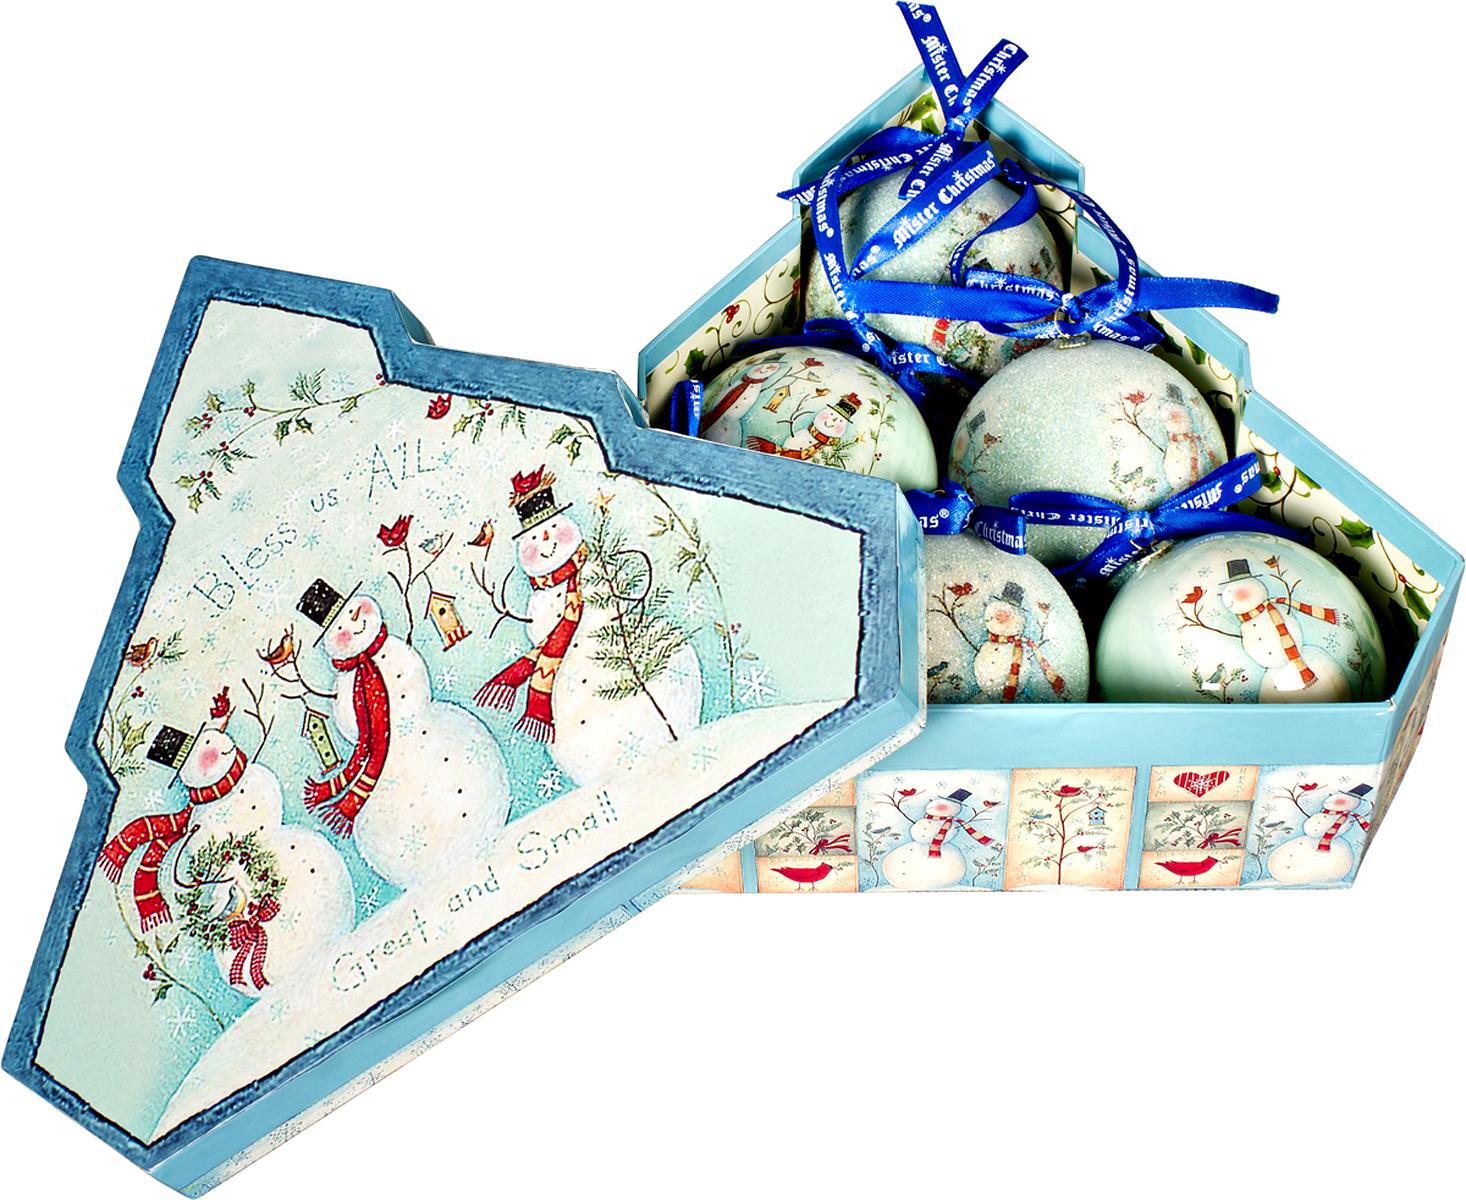 Набор новогодних подвесных украшений Mister Christmas  Папье-маше , диаметр 7,5 см, 6 шт. PM-1-6T -  Украшения